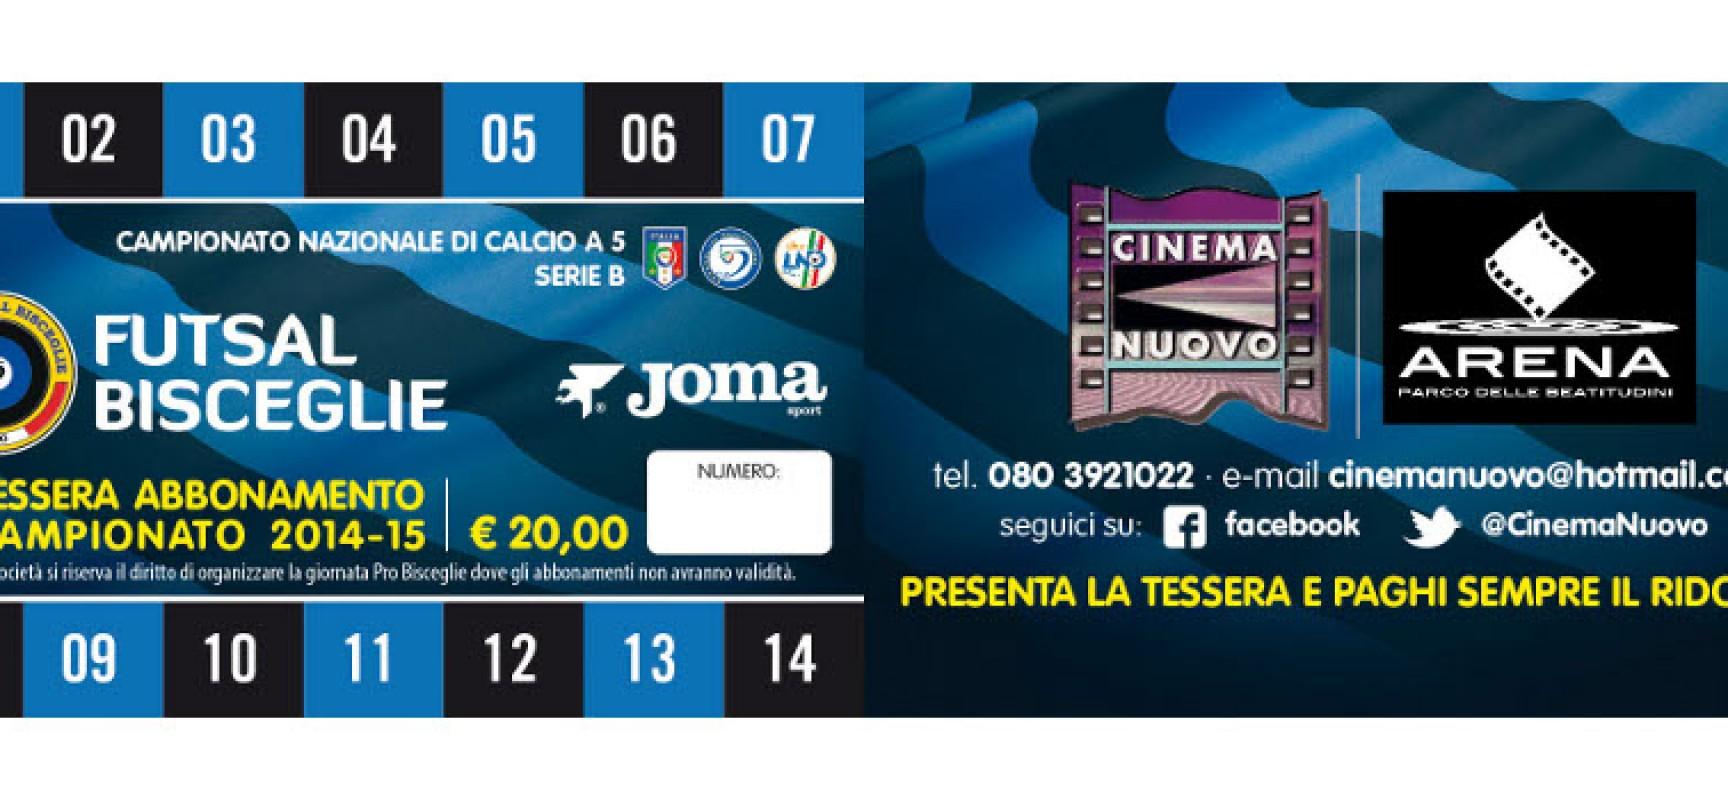 Futsal Bisceglie, parte la campagna abbonamenti 2014/15